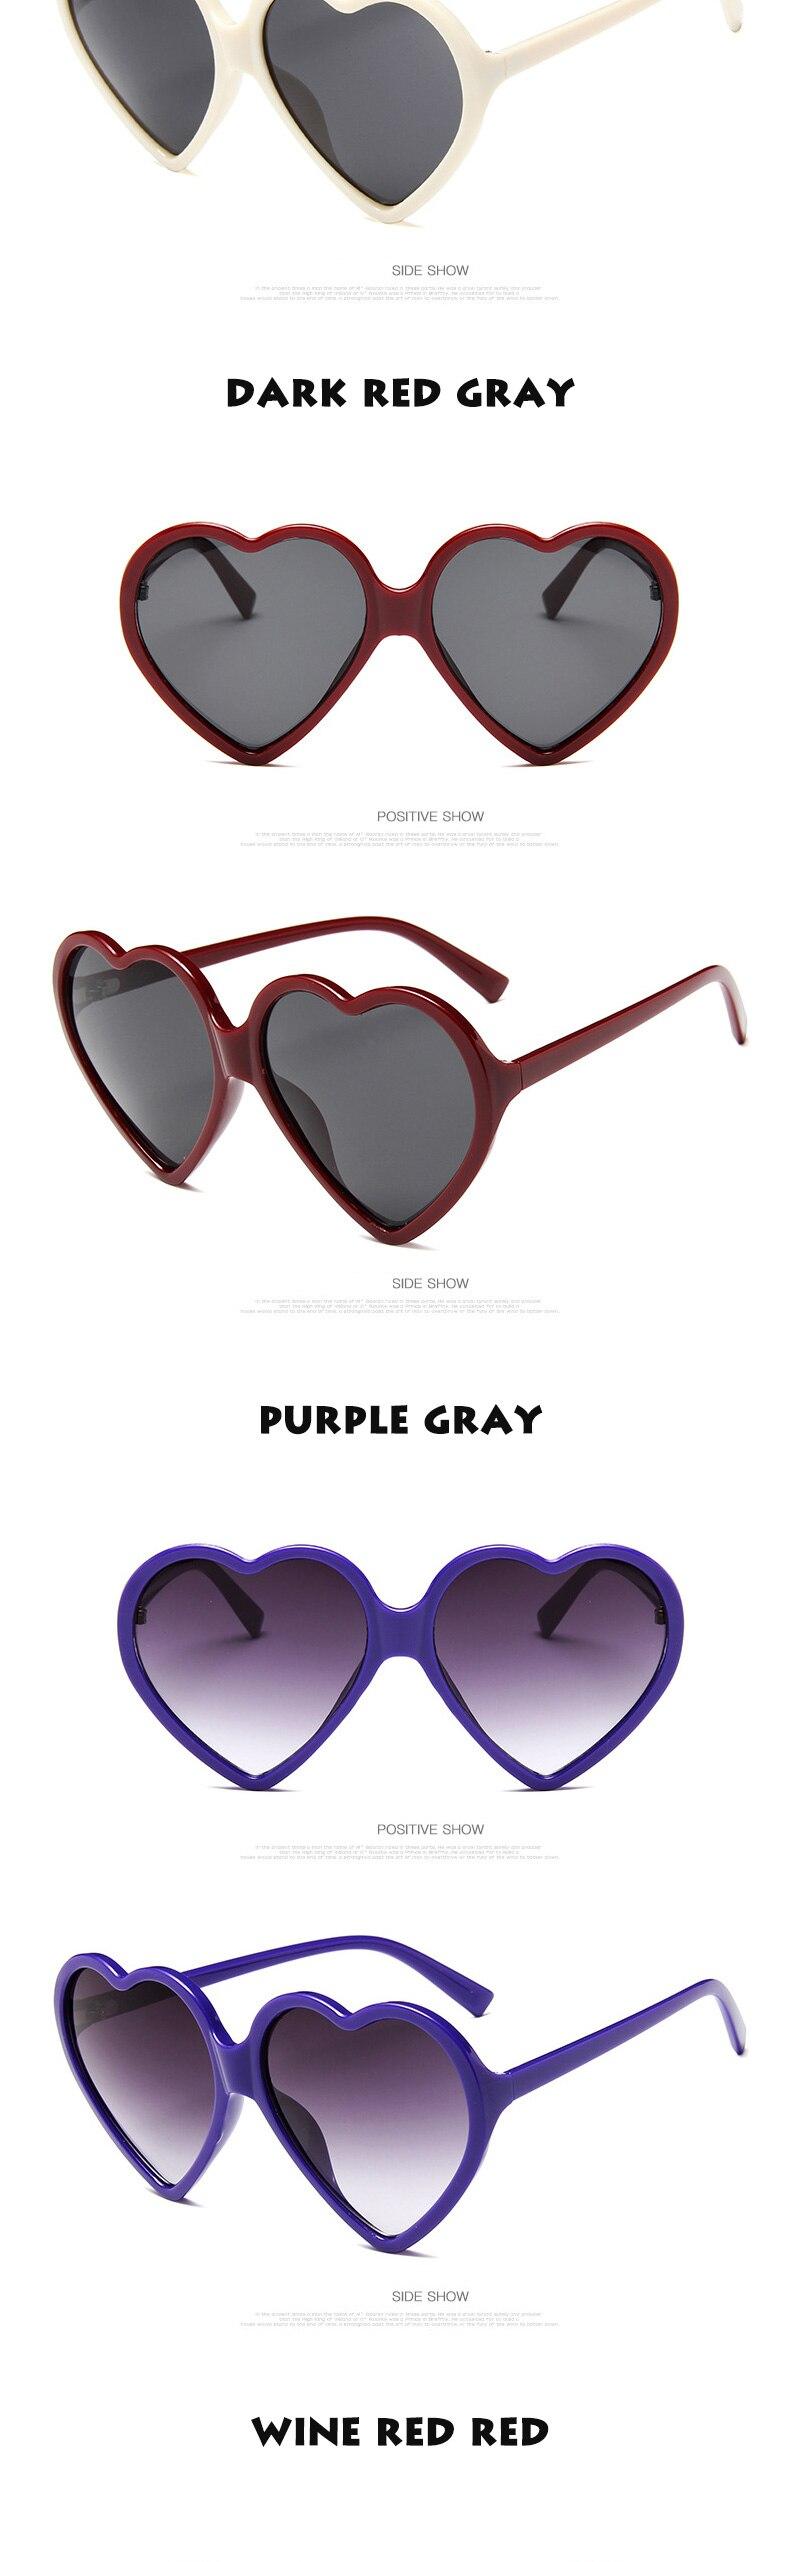 新款欧美潮流太阳镜大框爱心跨境速卖墨镜时尚百搭桃心眼镜5050-阿里巴巴_05